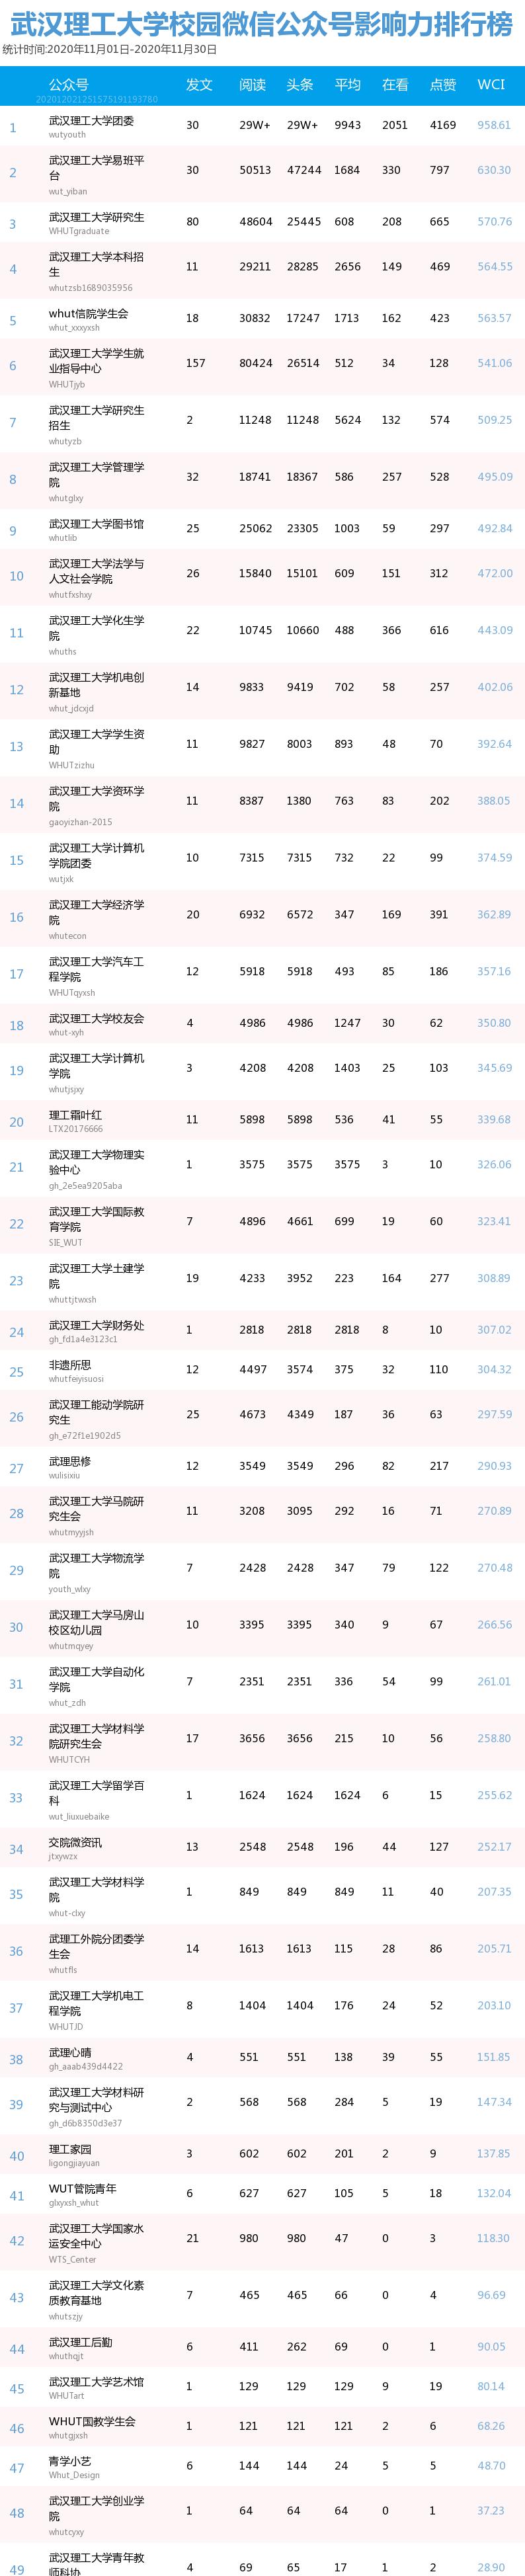 榜单|武汉理工大学校园微信公众号11月影响力排行榜图片